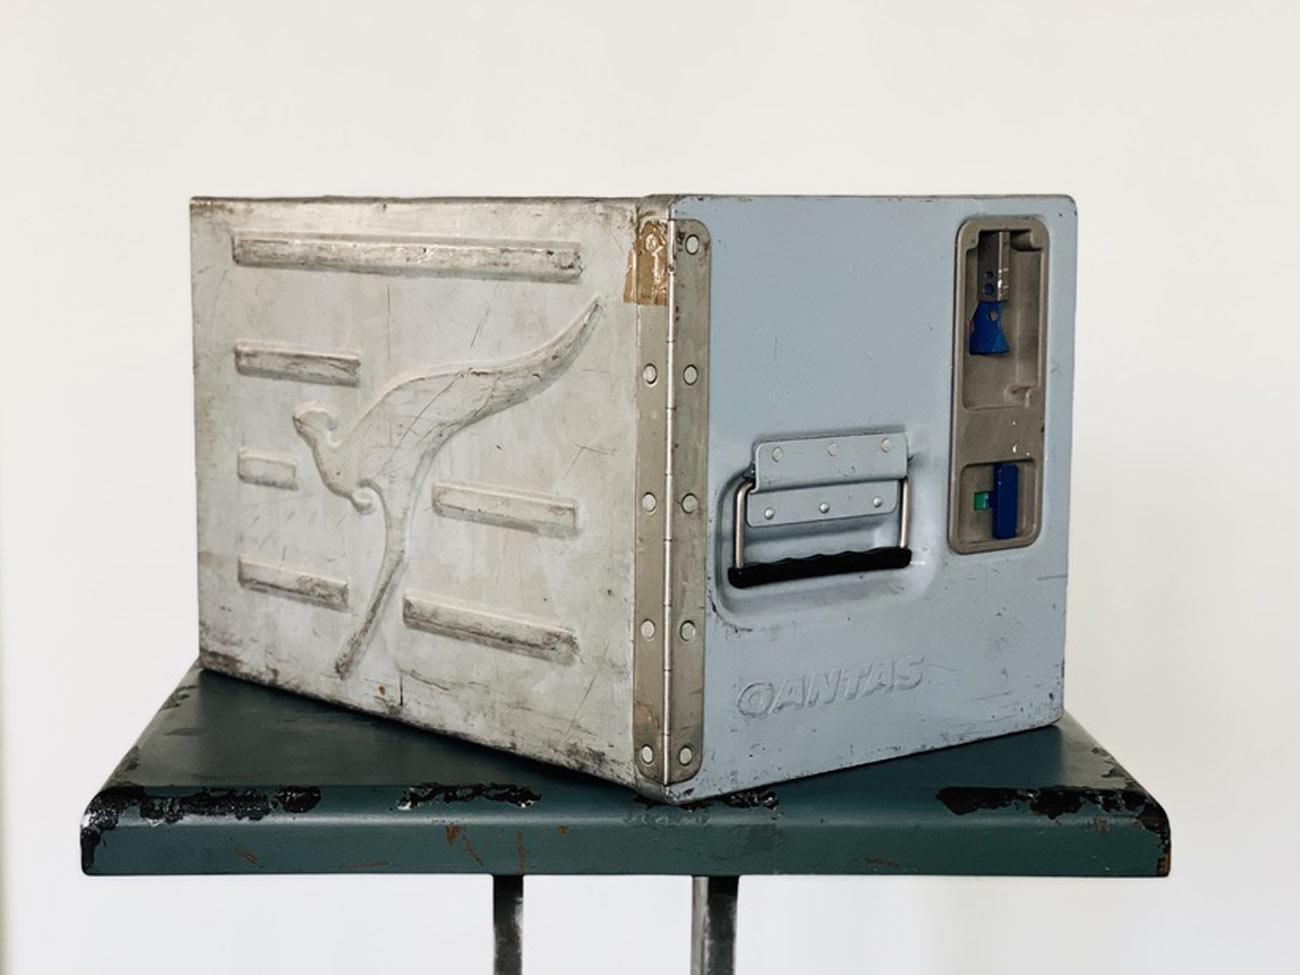 Original Qantas Flightcase / Container